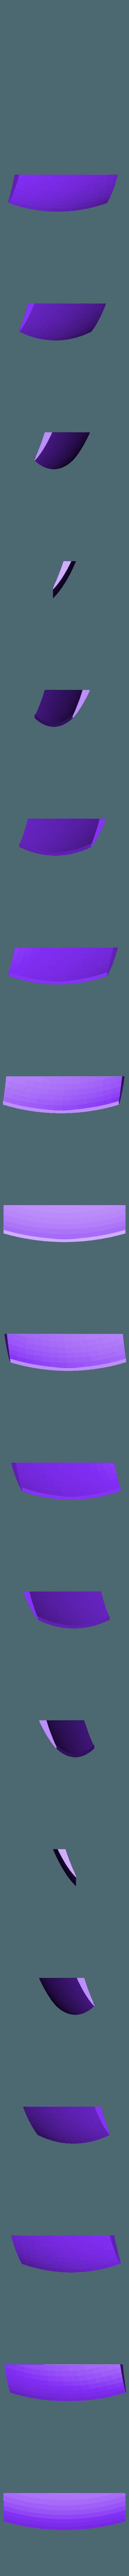 20.STL Télécharger fichier STL gratuit Bouclier du capitaine amérique (Entièrement détaillé) • Design pour imprimante 3D, Absolute3D